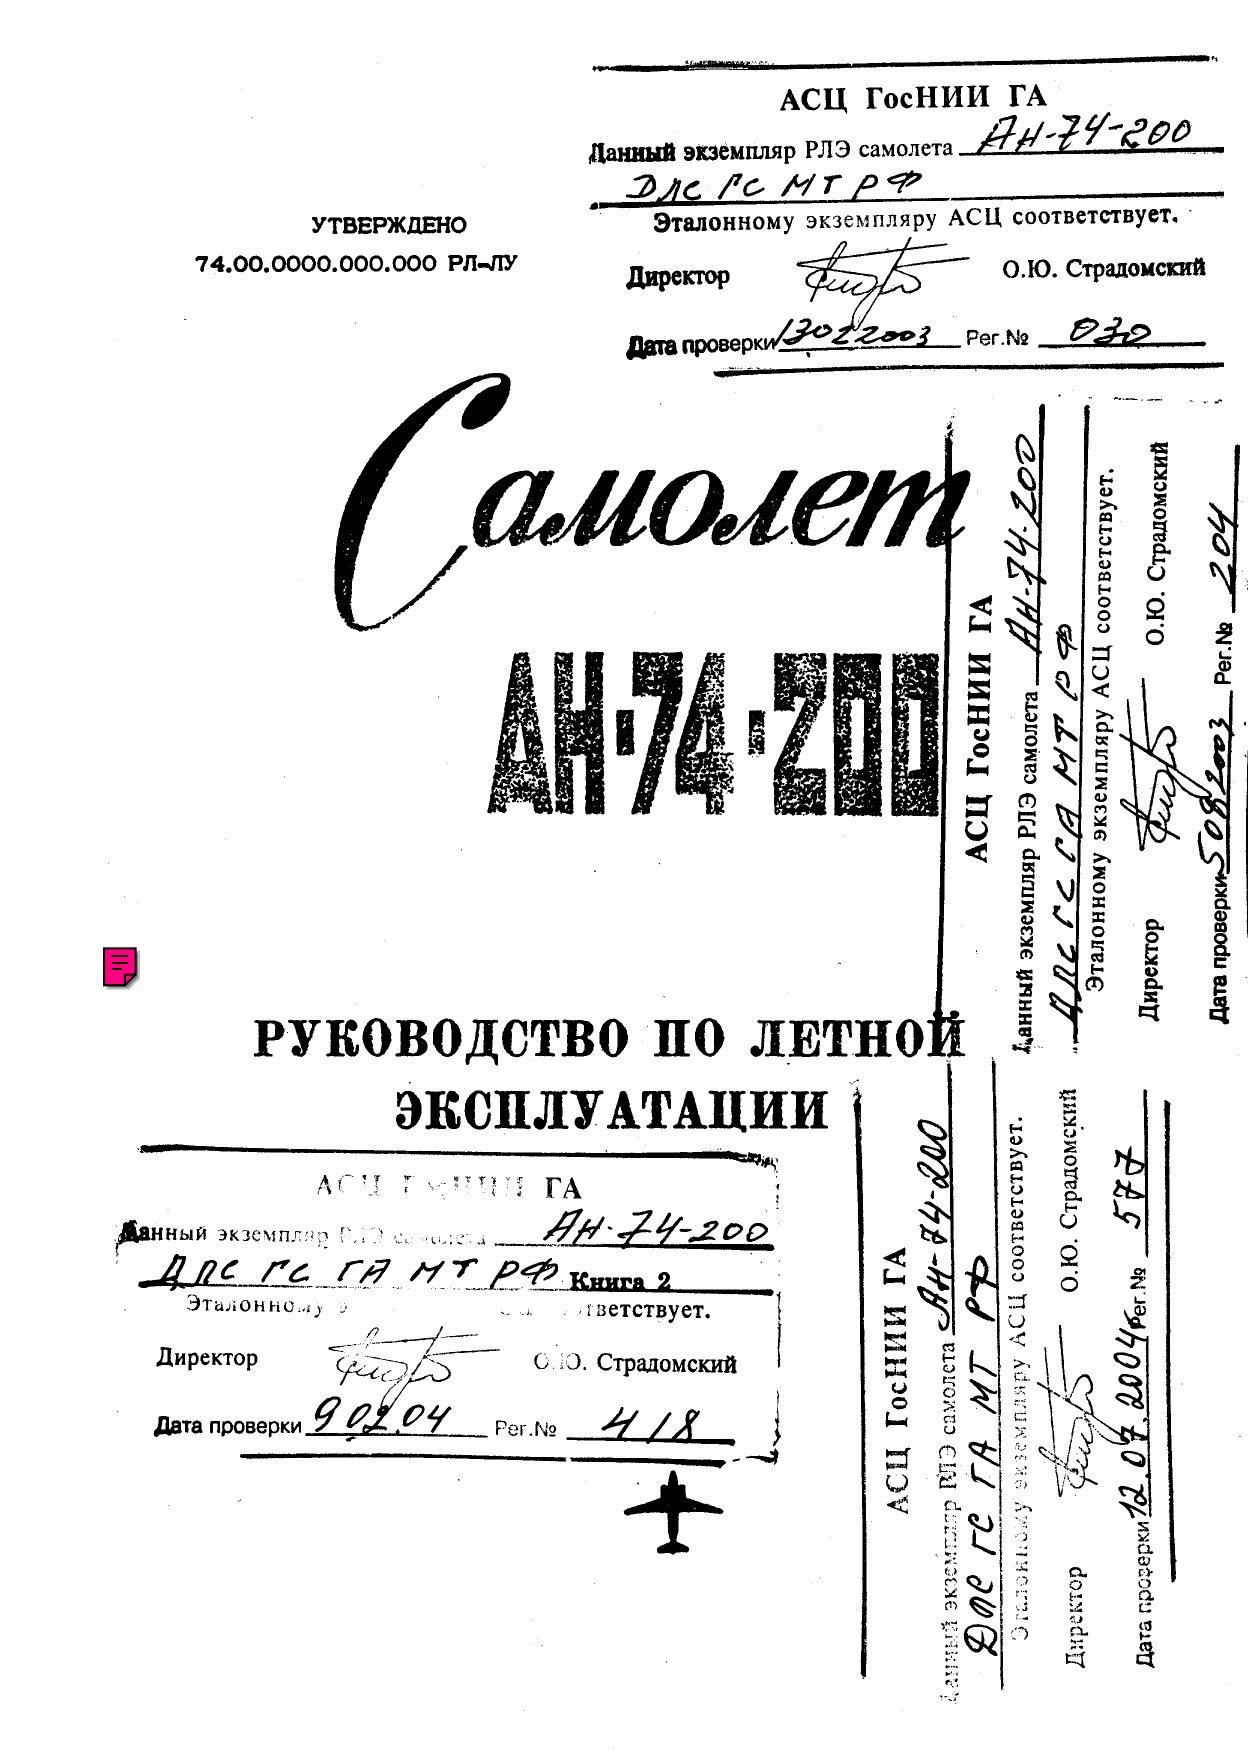 Самолет Ан-74-200. Руководство по летной эксплуатации. Книга 2